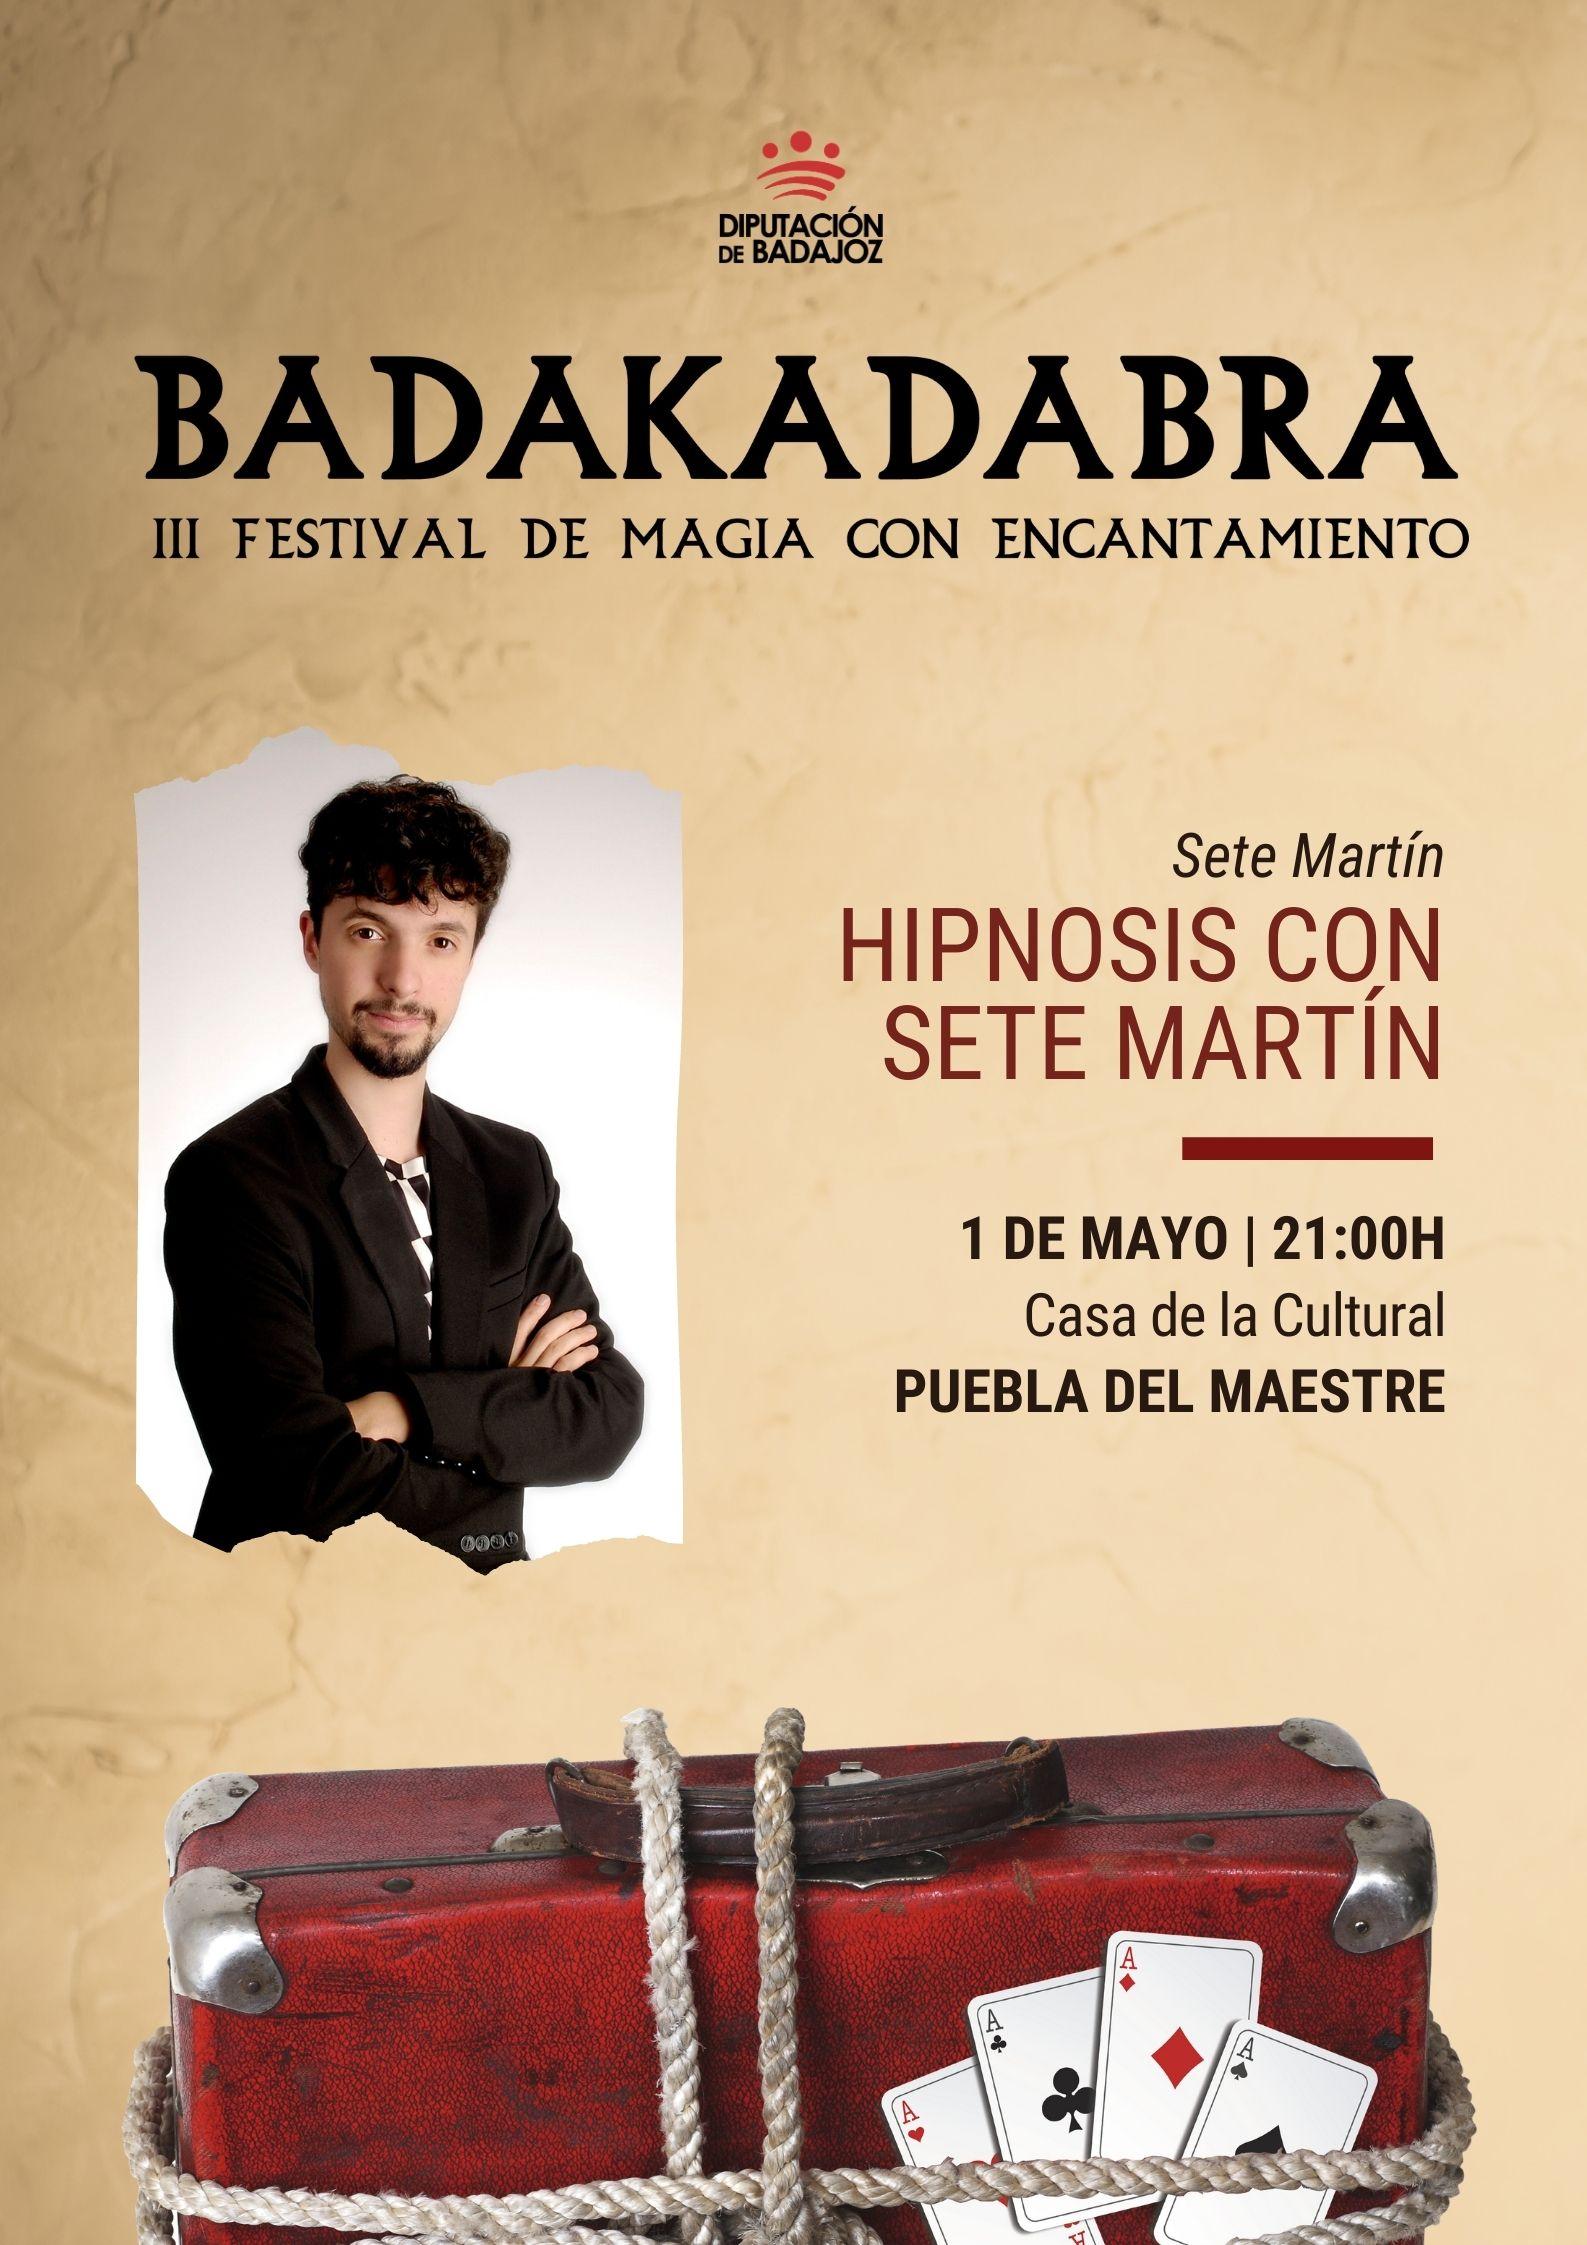 Imagen del Evento Hipnosis con Sete Martín